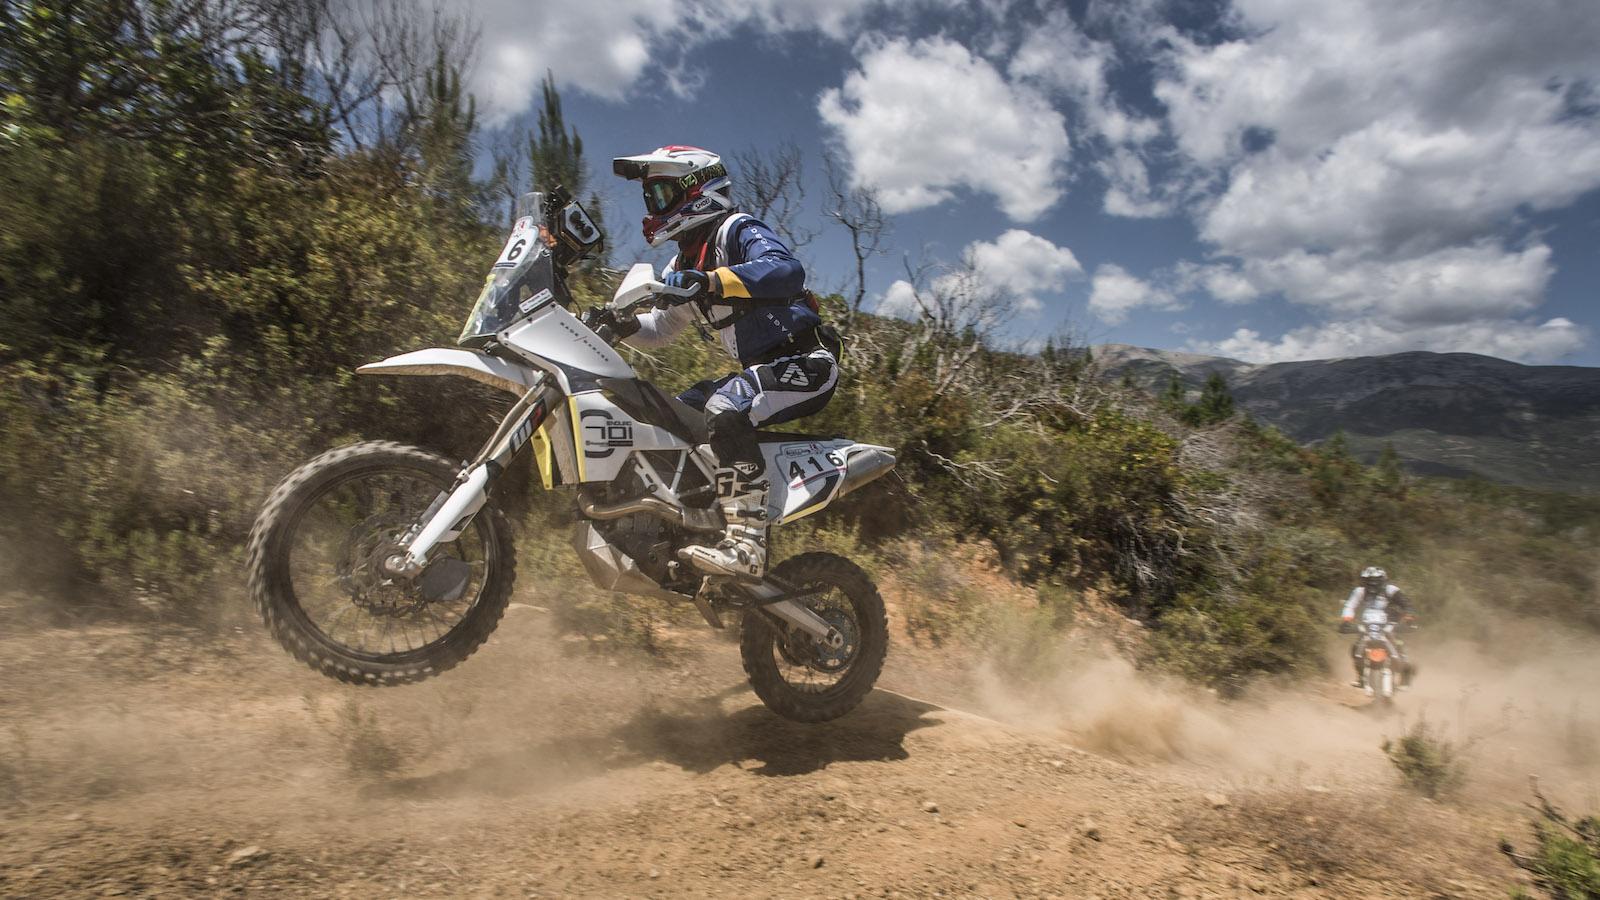 Závodníci při rallye na enduro motorkách KTM